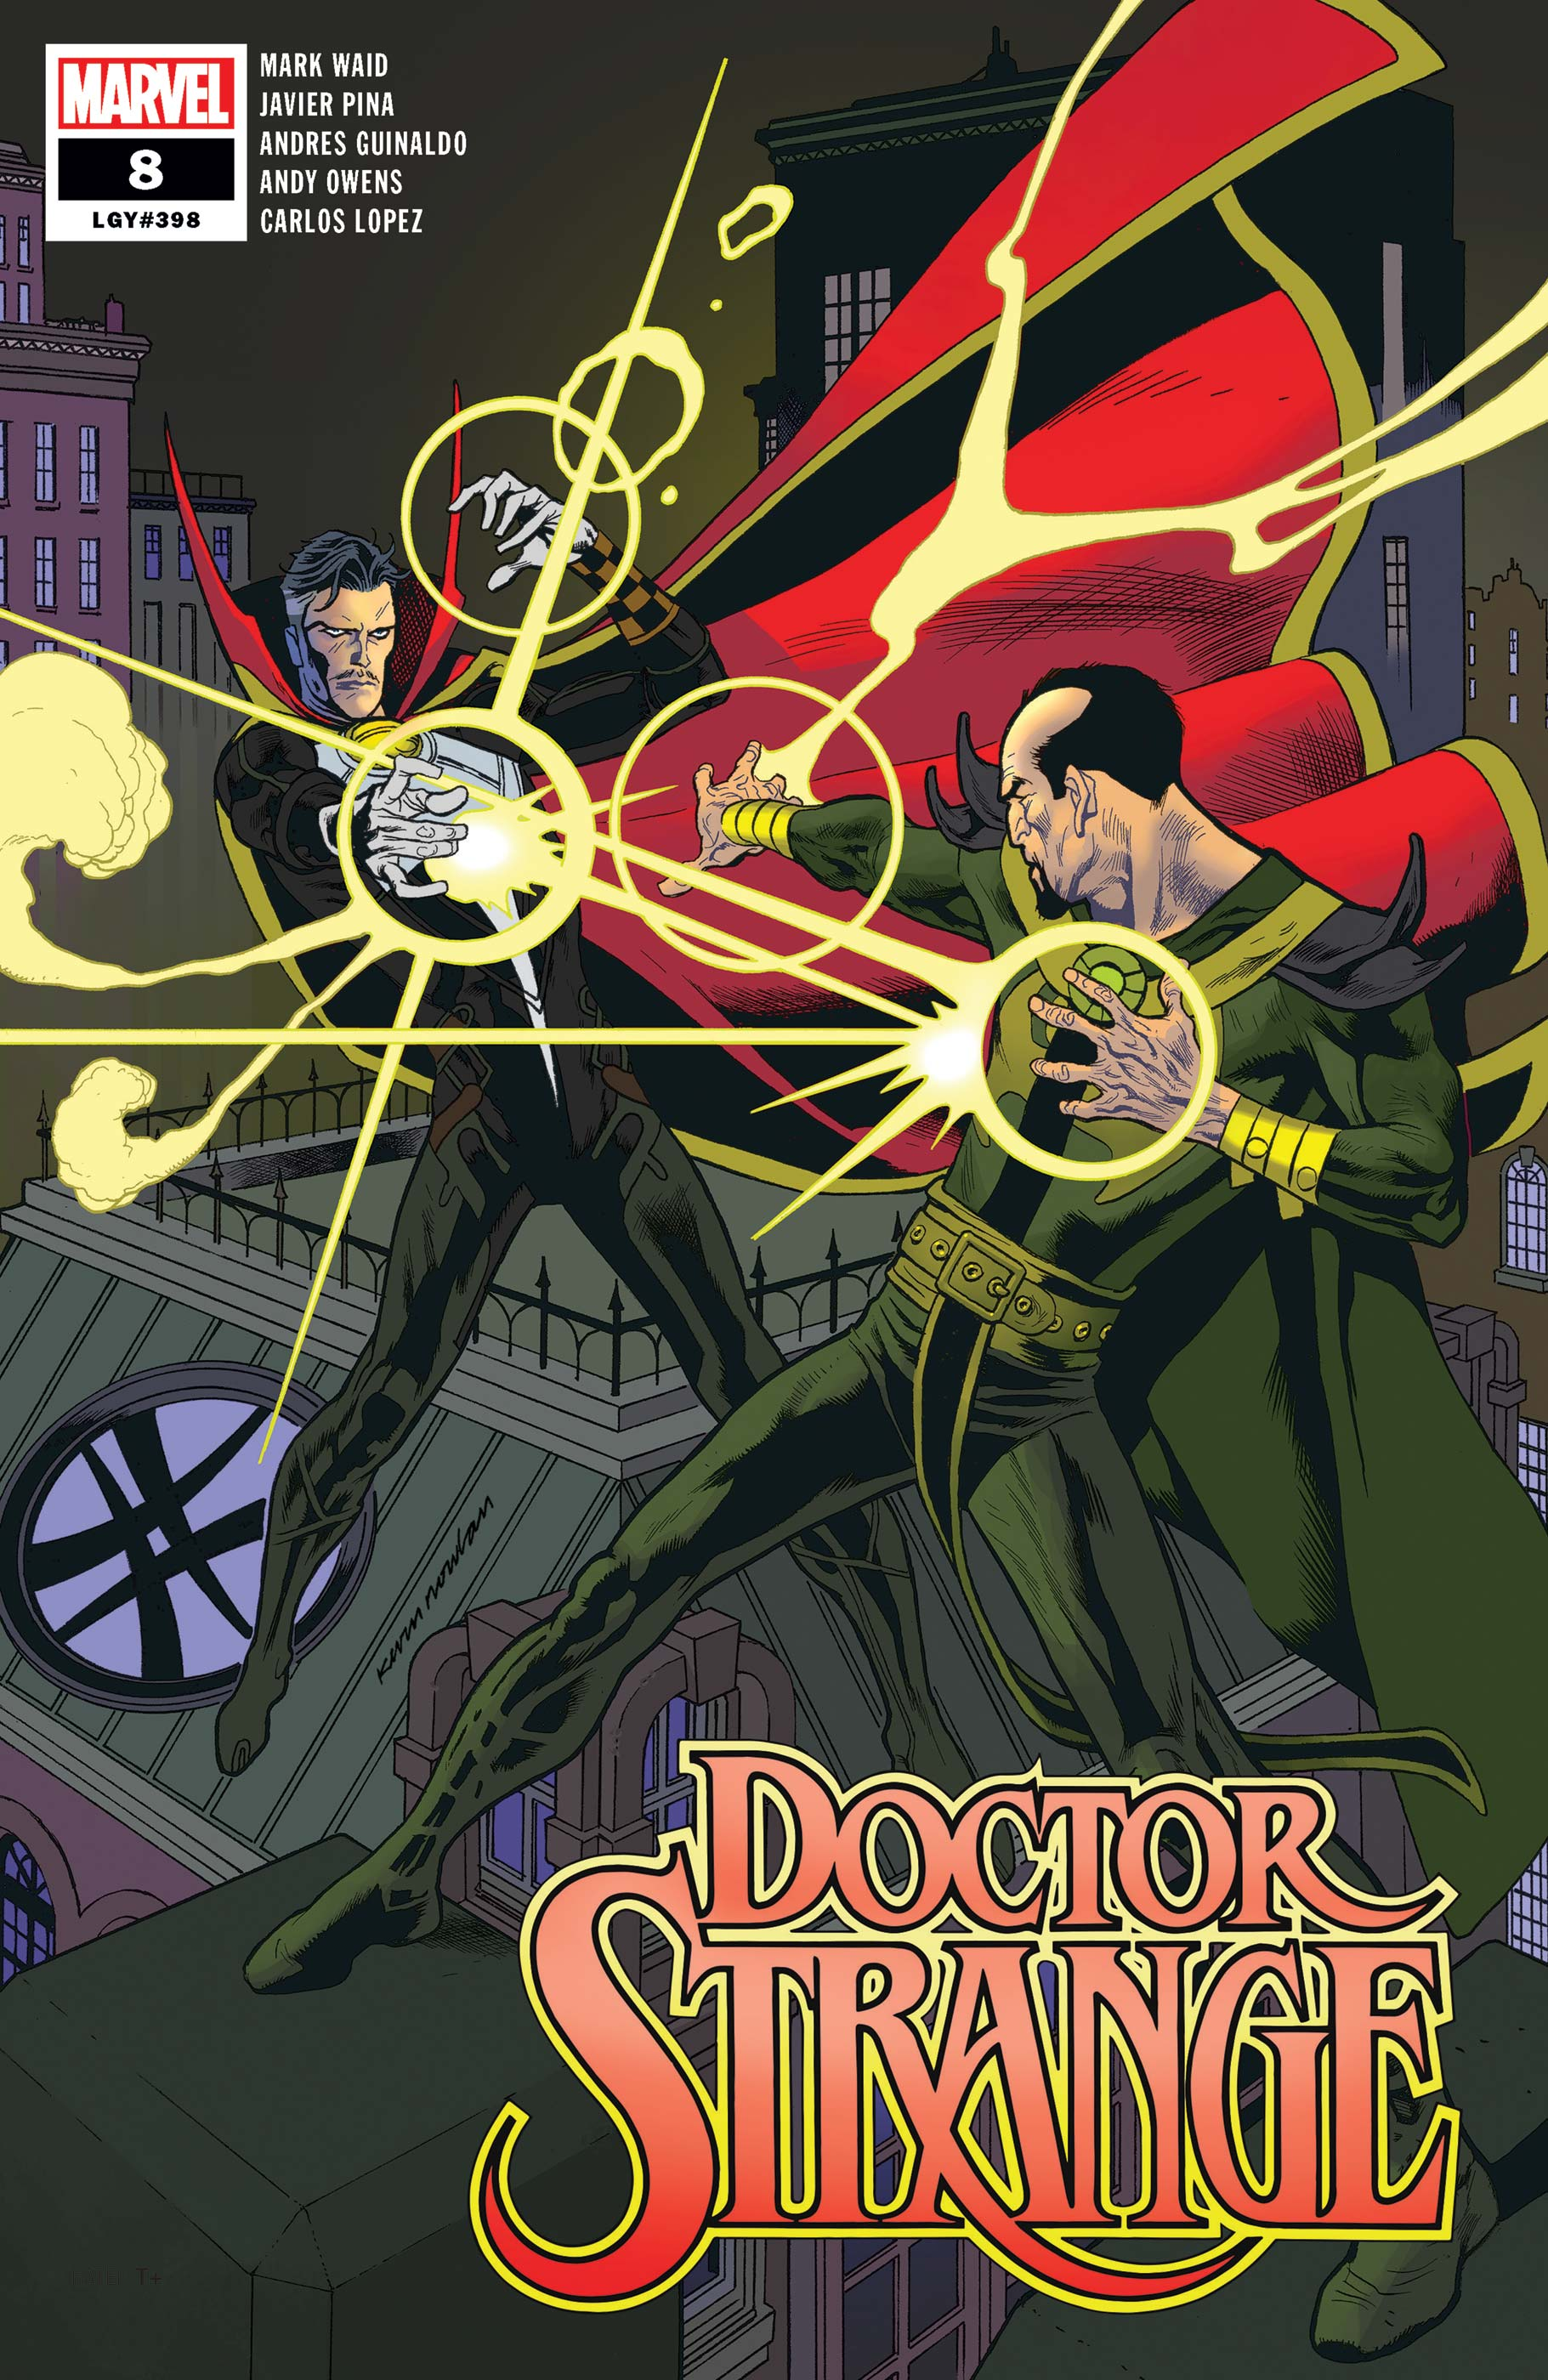 Doctor Strange (2018) #8